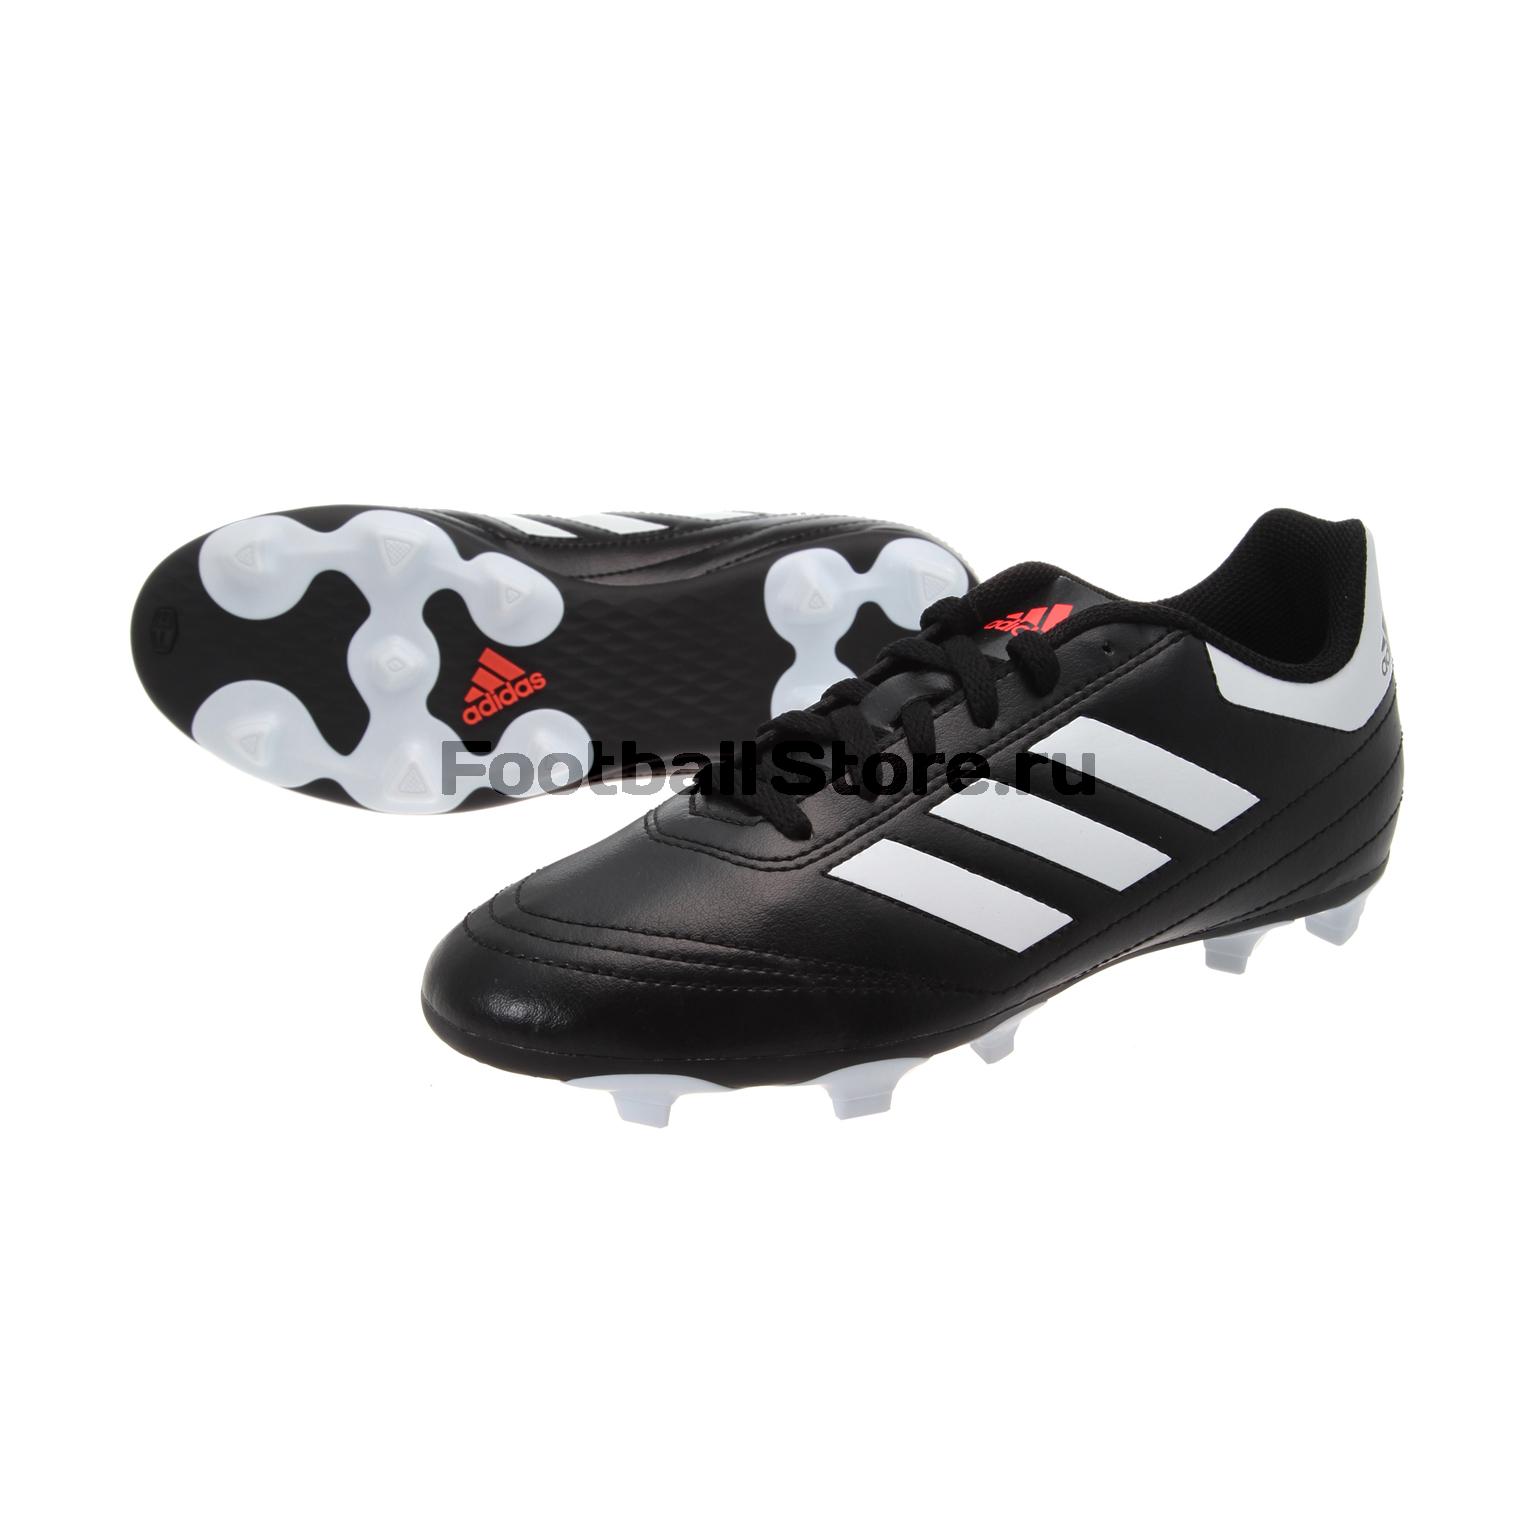 Бутсы Adidas Goletto VI FG JR AQ4285 бутсы футбольные nike mercurial victory vi njr fg 921488 407 jr детские